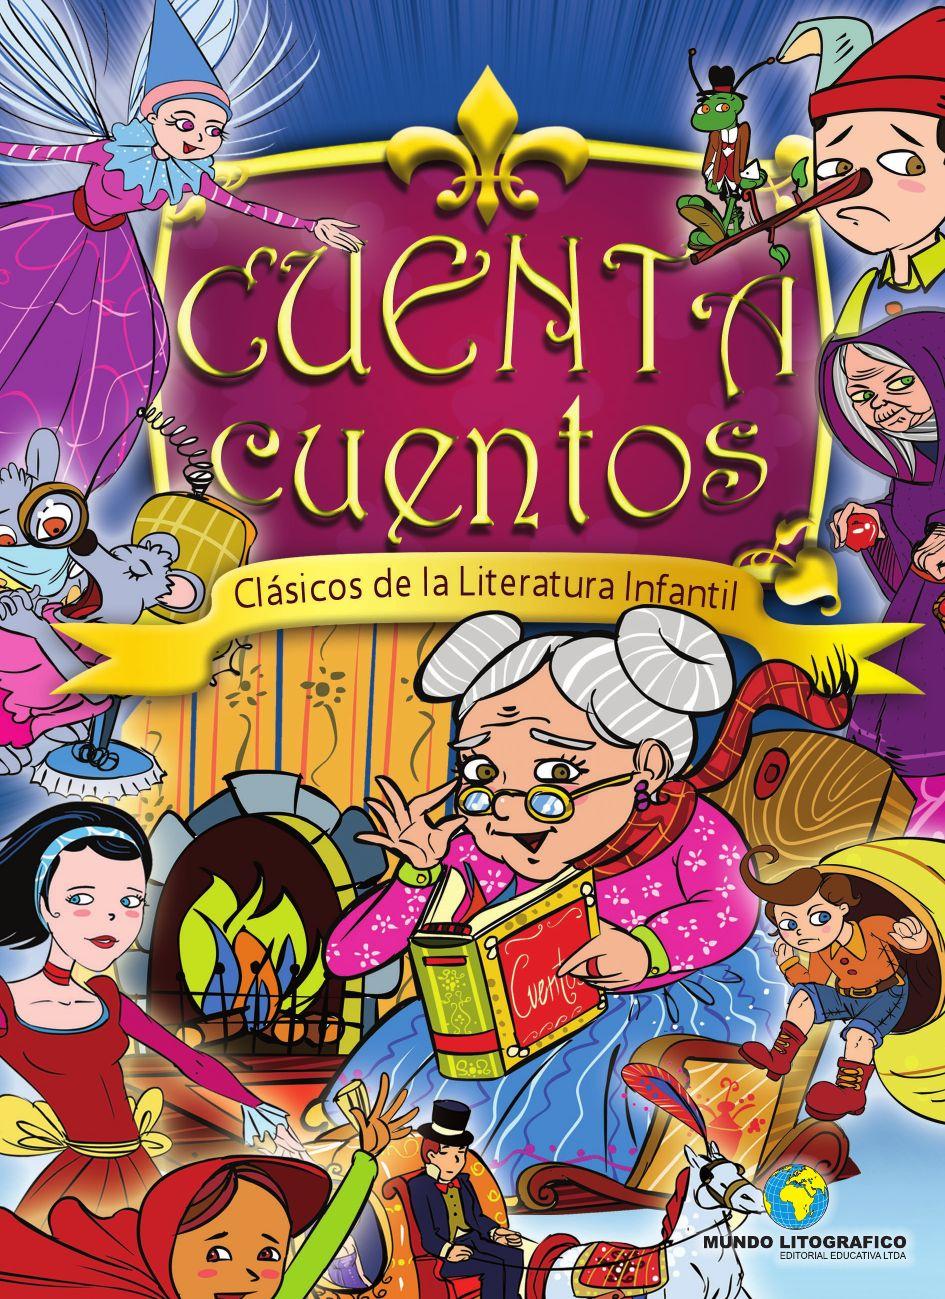 DOCENTECA - Coleccion de Cuentos Clásicos infantiles